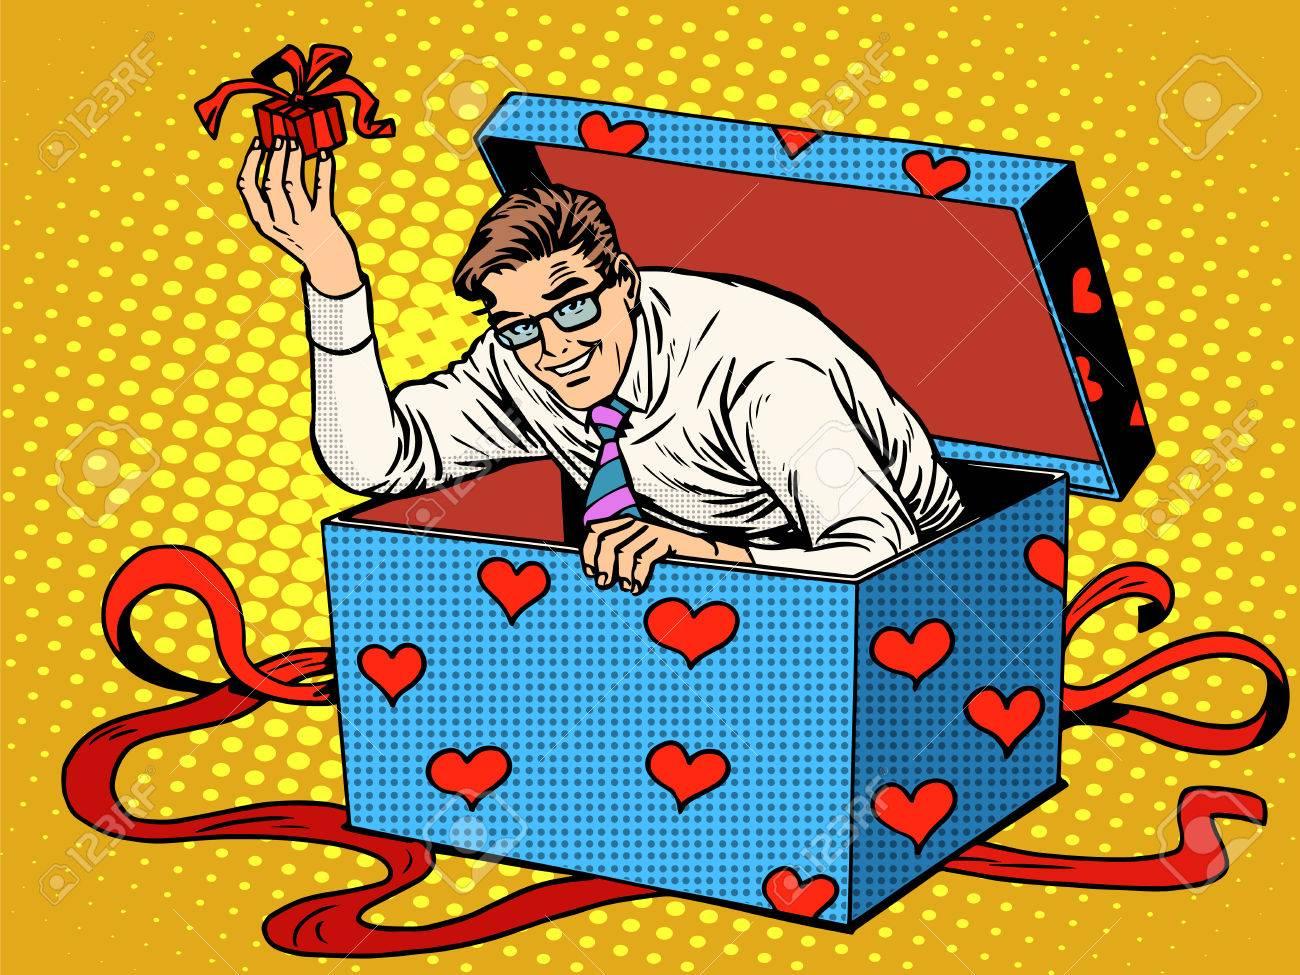 Man Valentinstag Uberraschung Box Liebe Geschenk Pop Art Retro Stil Hochzeit Und Romantik Ehemann Geschenk Lizenzfrei Nutzbare Vektorgrafiken Clip Arts Illustrationen Image 50538565